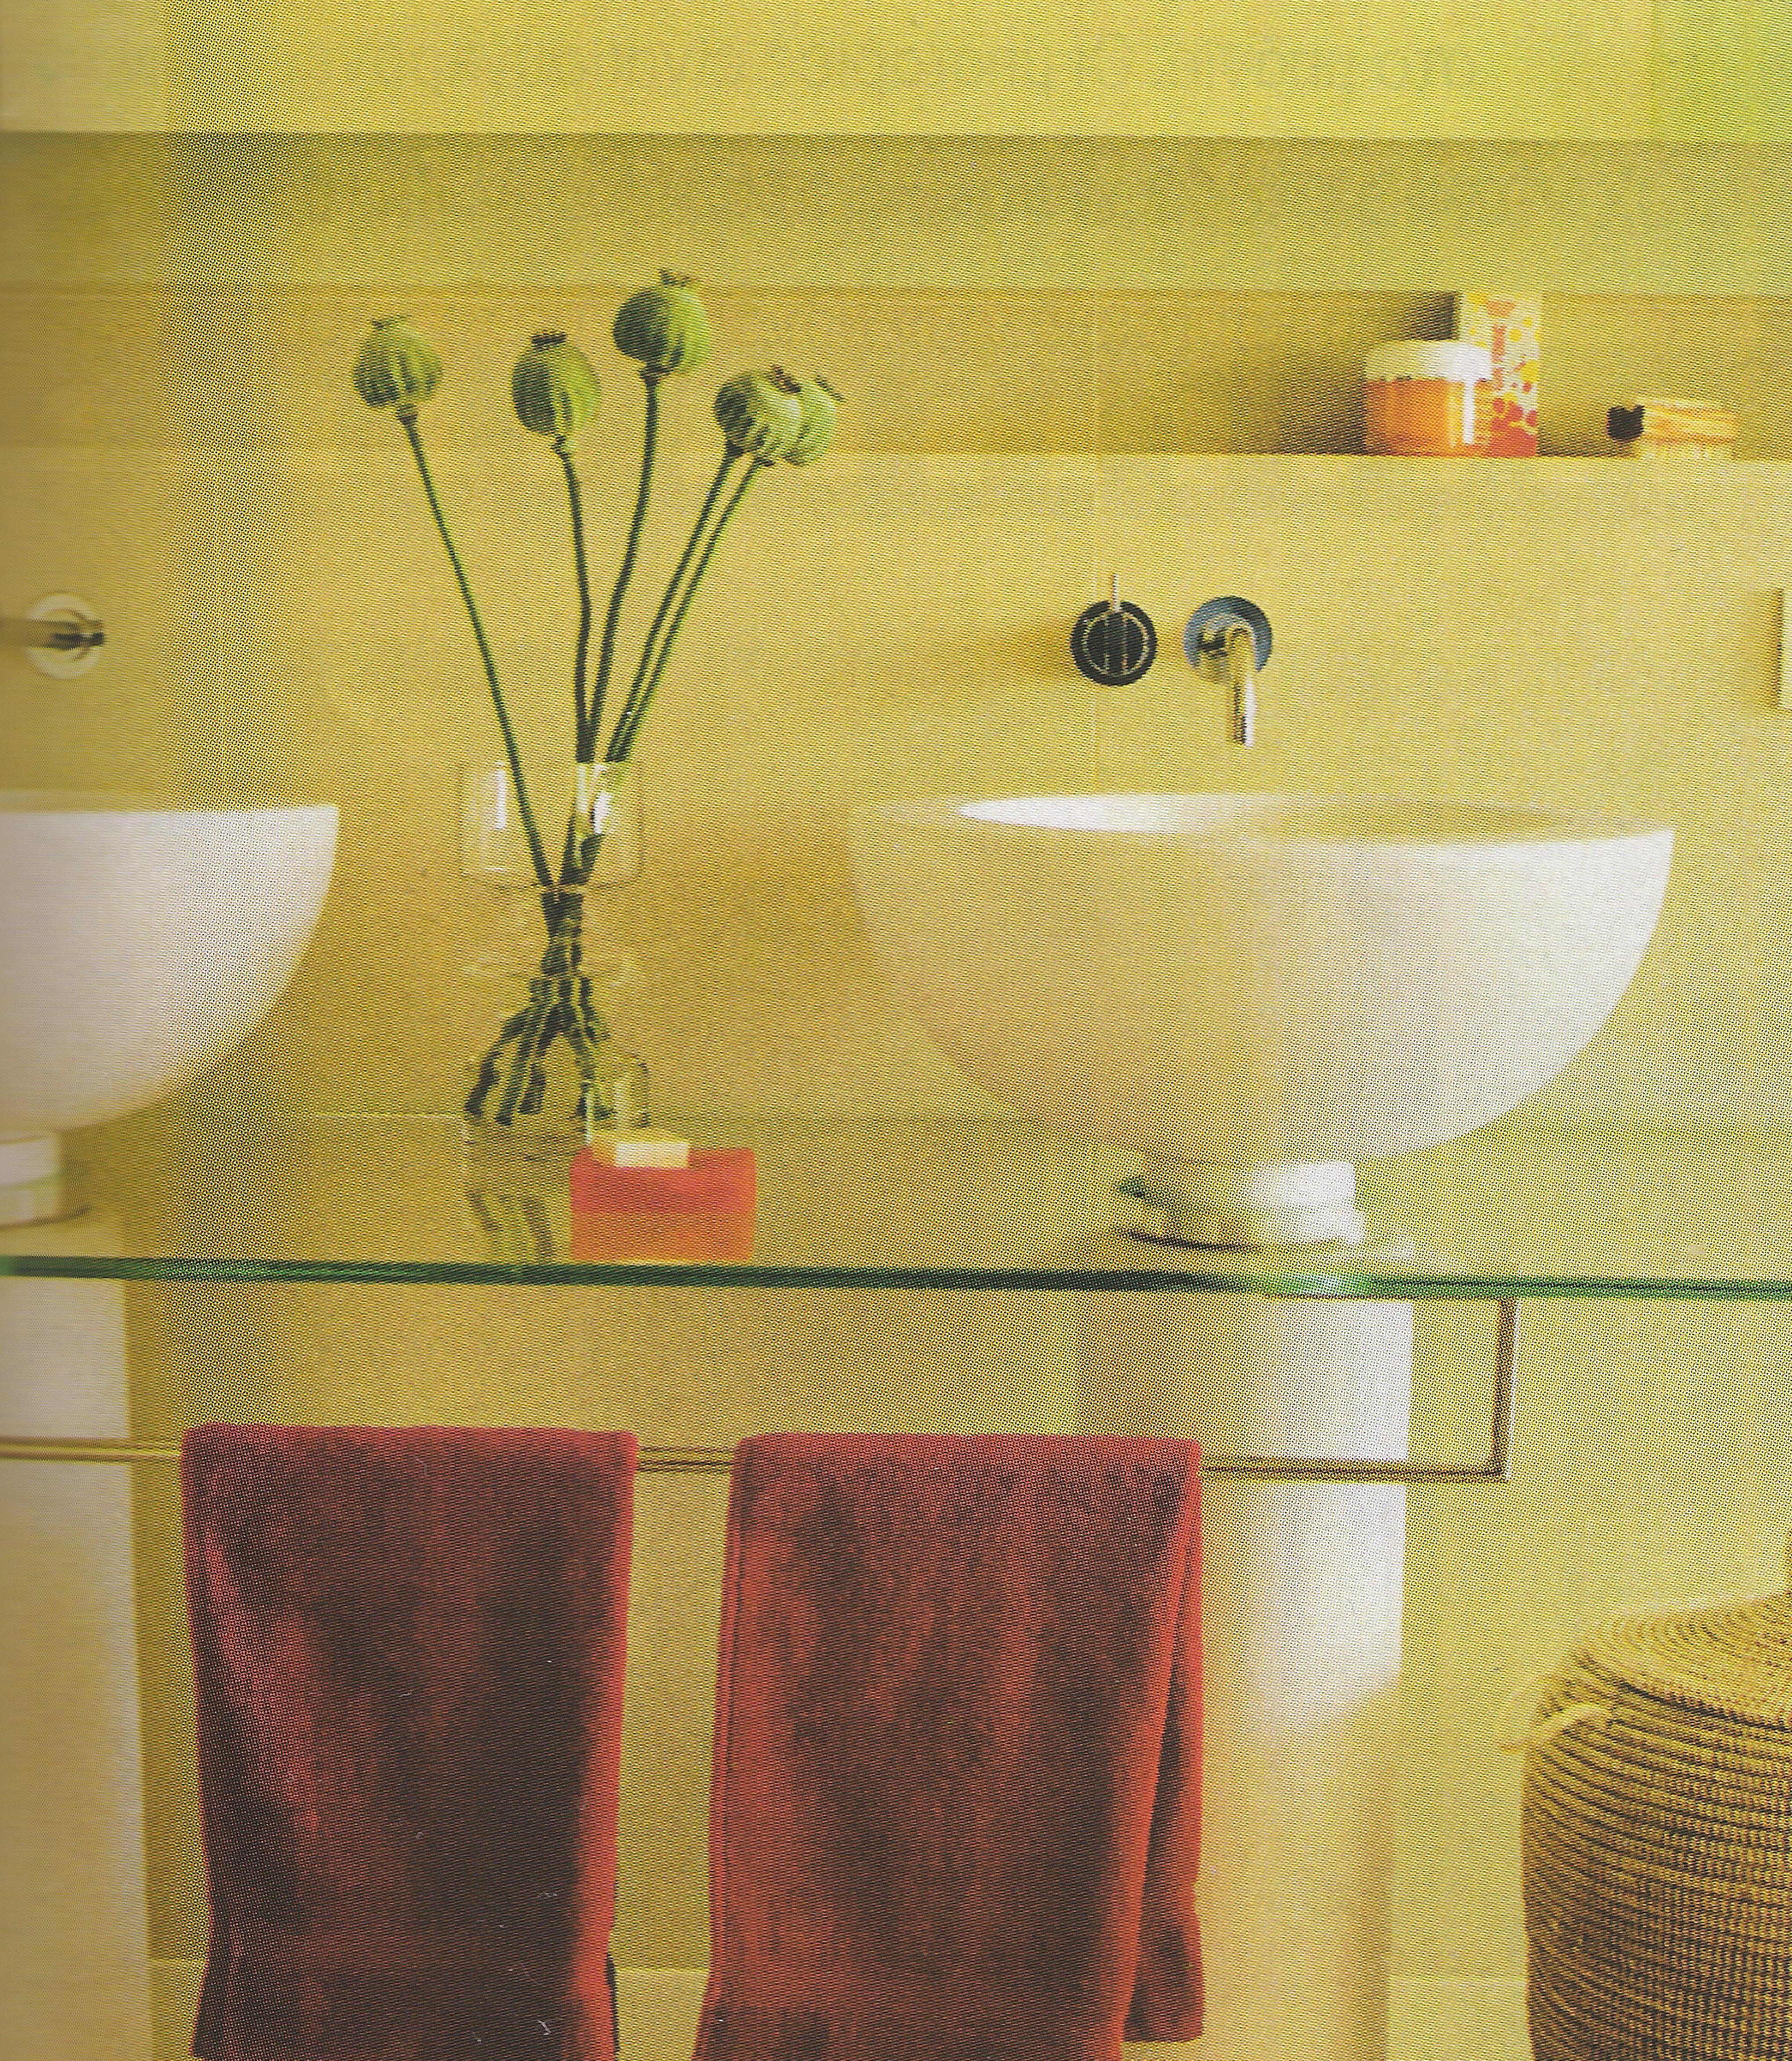 Τip: Μπάνιο και έπιπλο